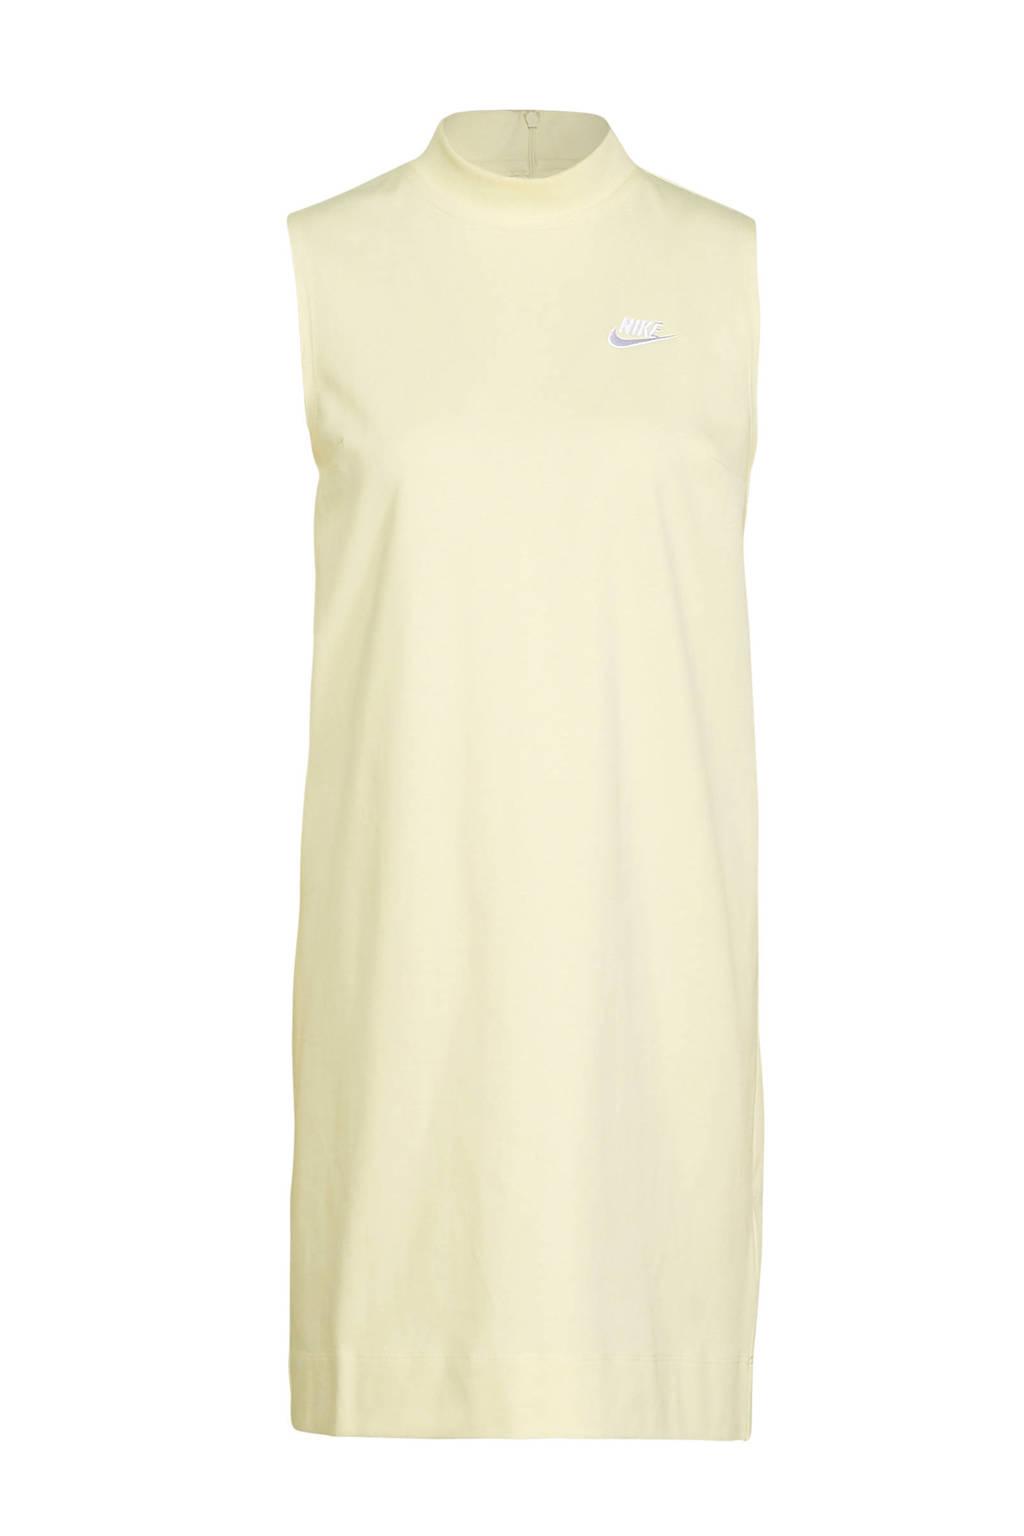 Nike jurk lichtgeel, Lichtgeel